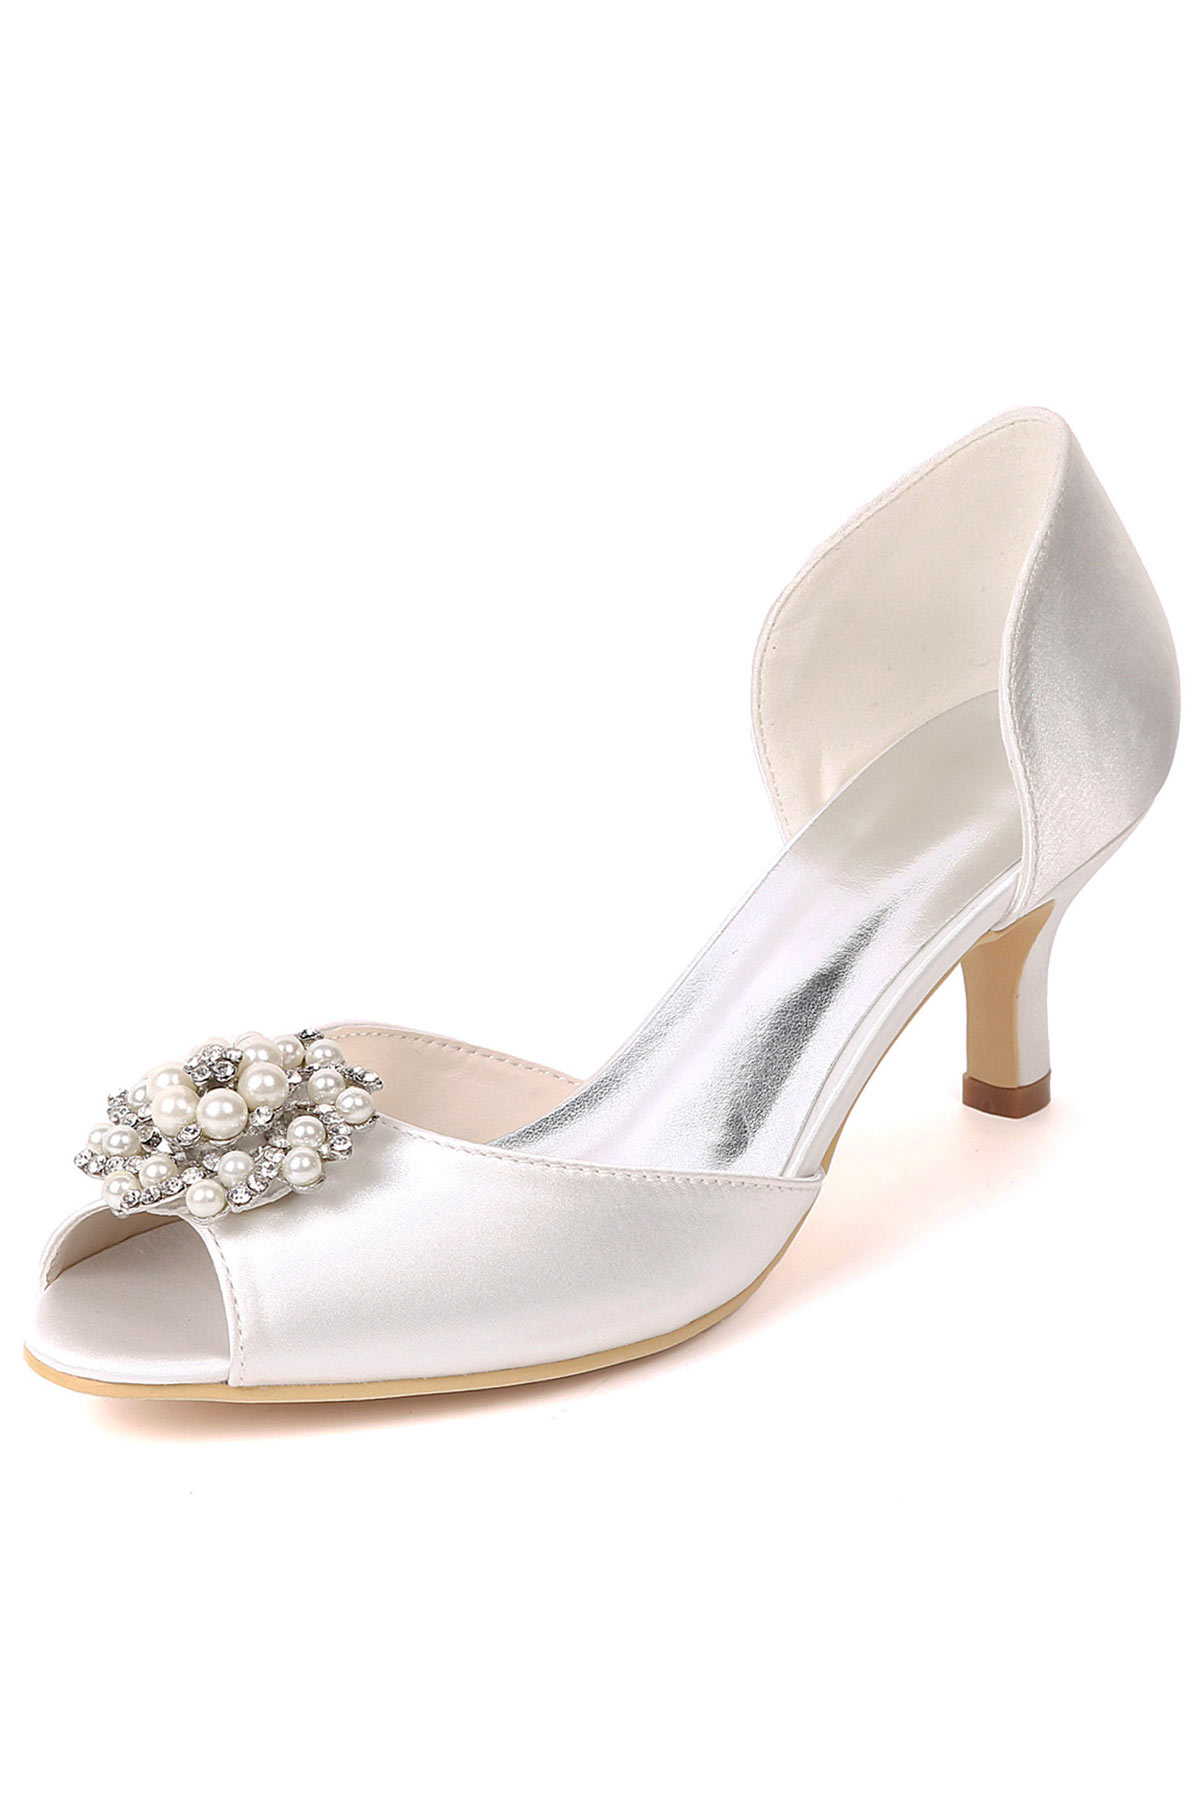 chaussures de mariage ivoire à bout ouvert embelli de perles et de strass